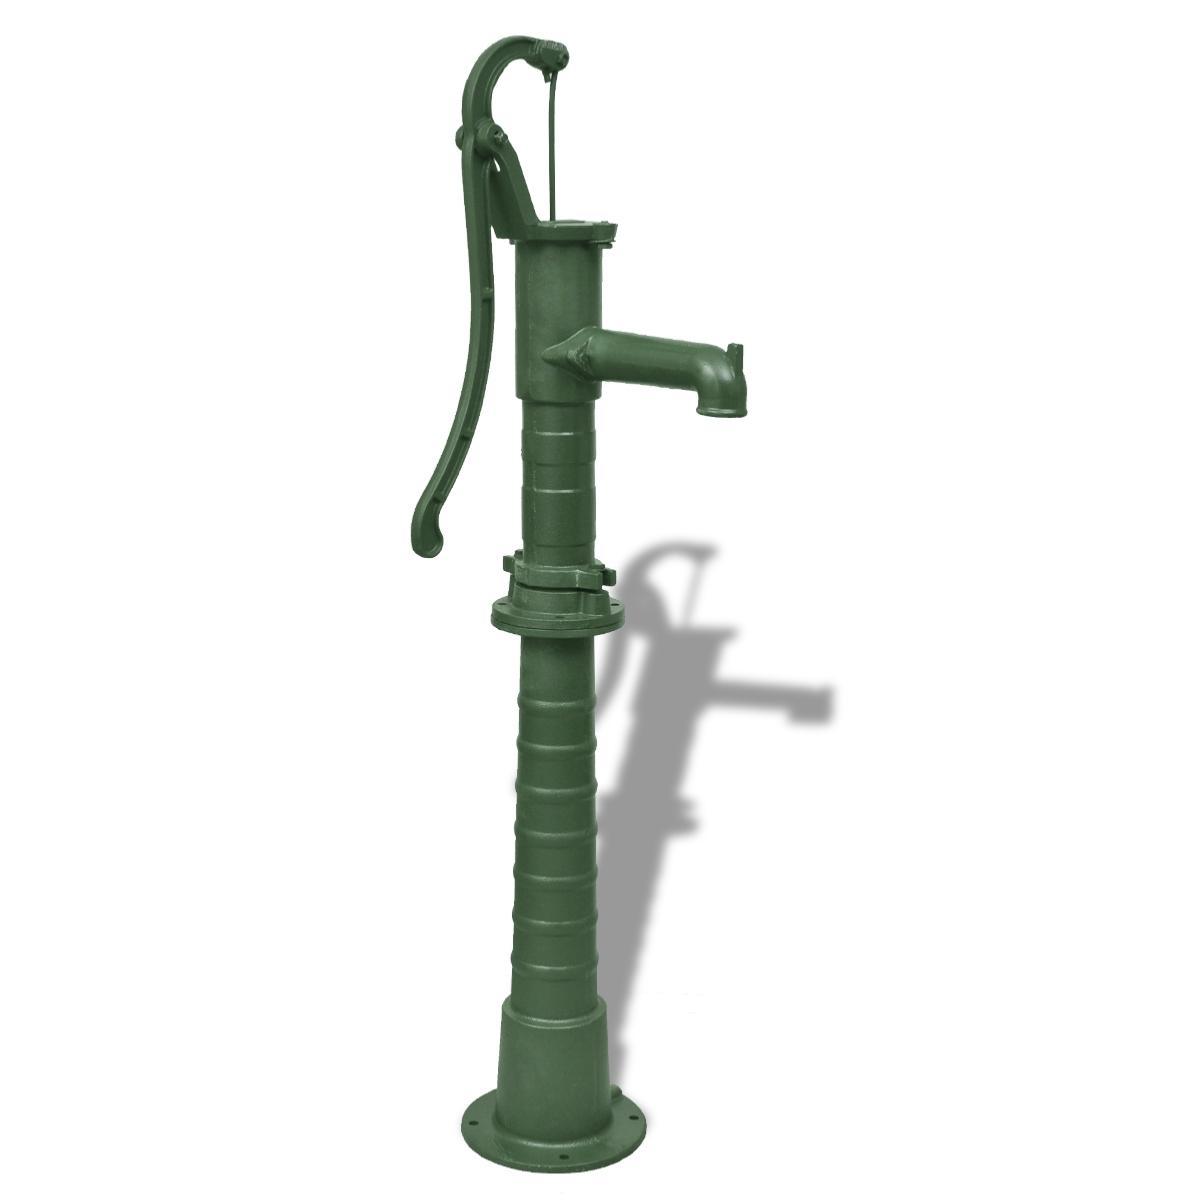 Pompe eau manuelle de jardin en fonte avec socle for Pompe a eau de jardin